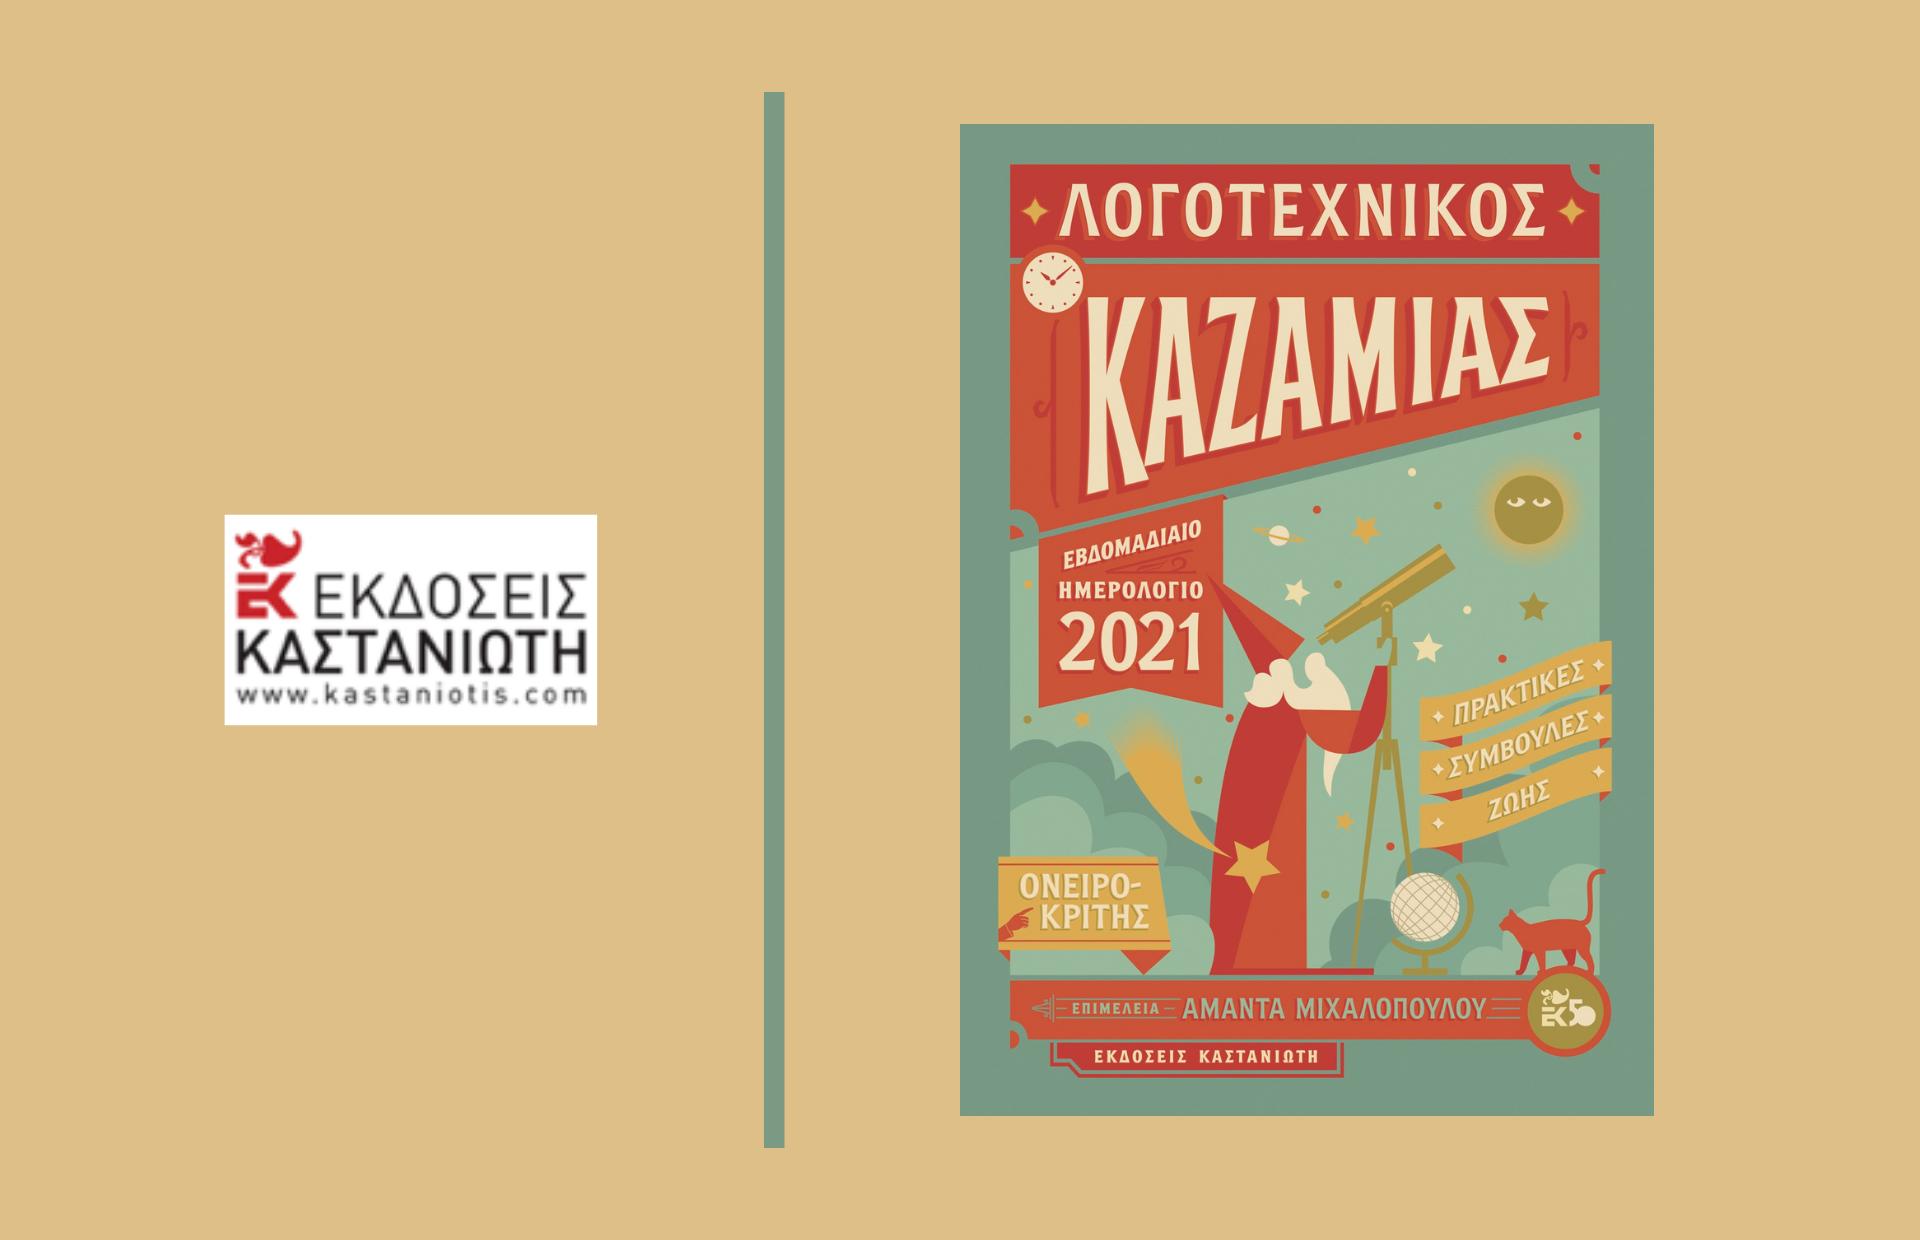 """""""Λογοτεχνικός Καζαμίας 2021"""", από τις εκδόσεις Καστανιώτη"""